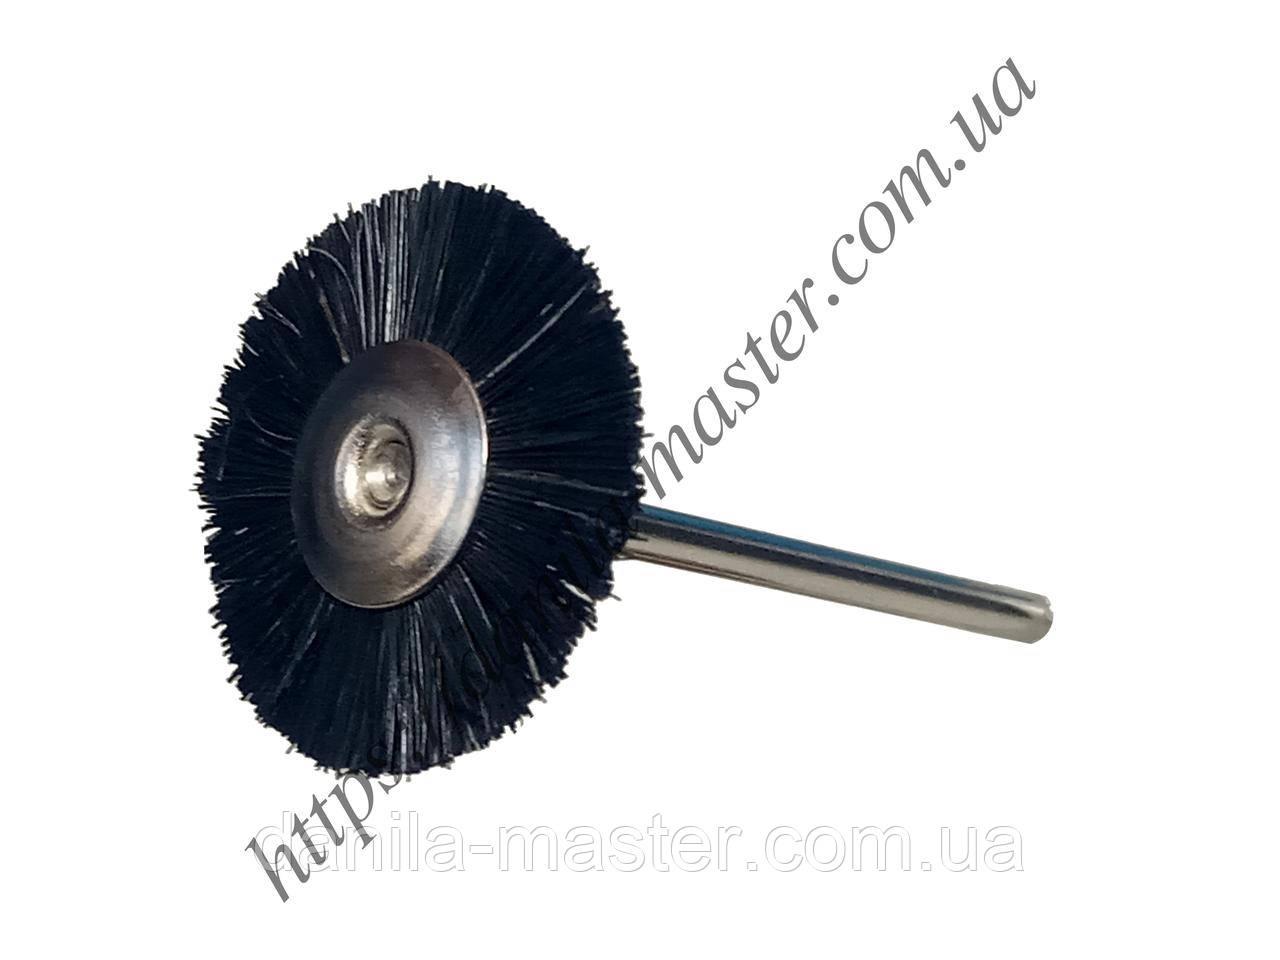 Щетка щетинная черная жесткая Ø25,4 мм с держателем (2,35 мм)